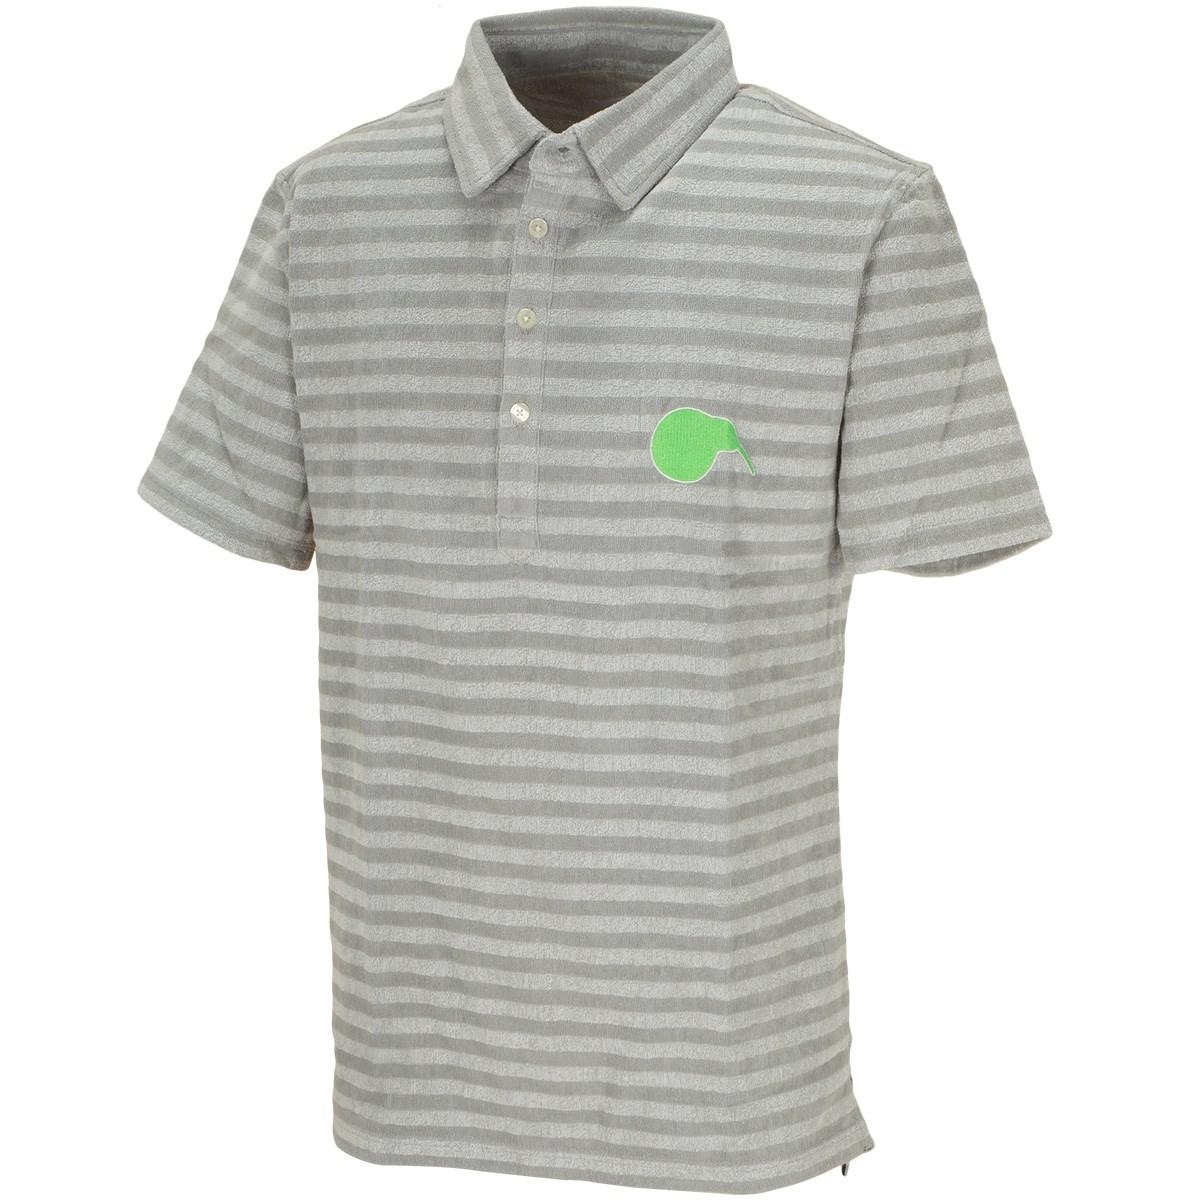 [2020年春夏モデル] キウイ アンド コー 今治パイル ボーダー半袖ポロシャツ グレー メンズ ゴルフウェア